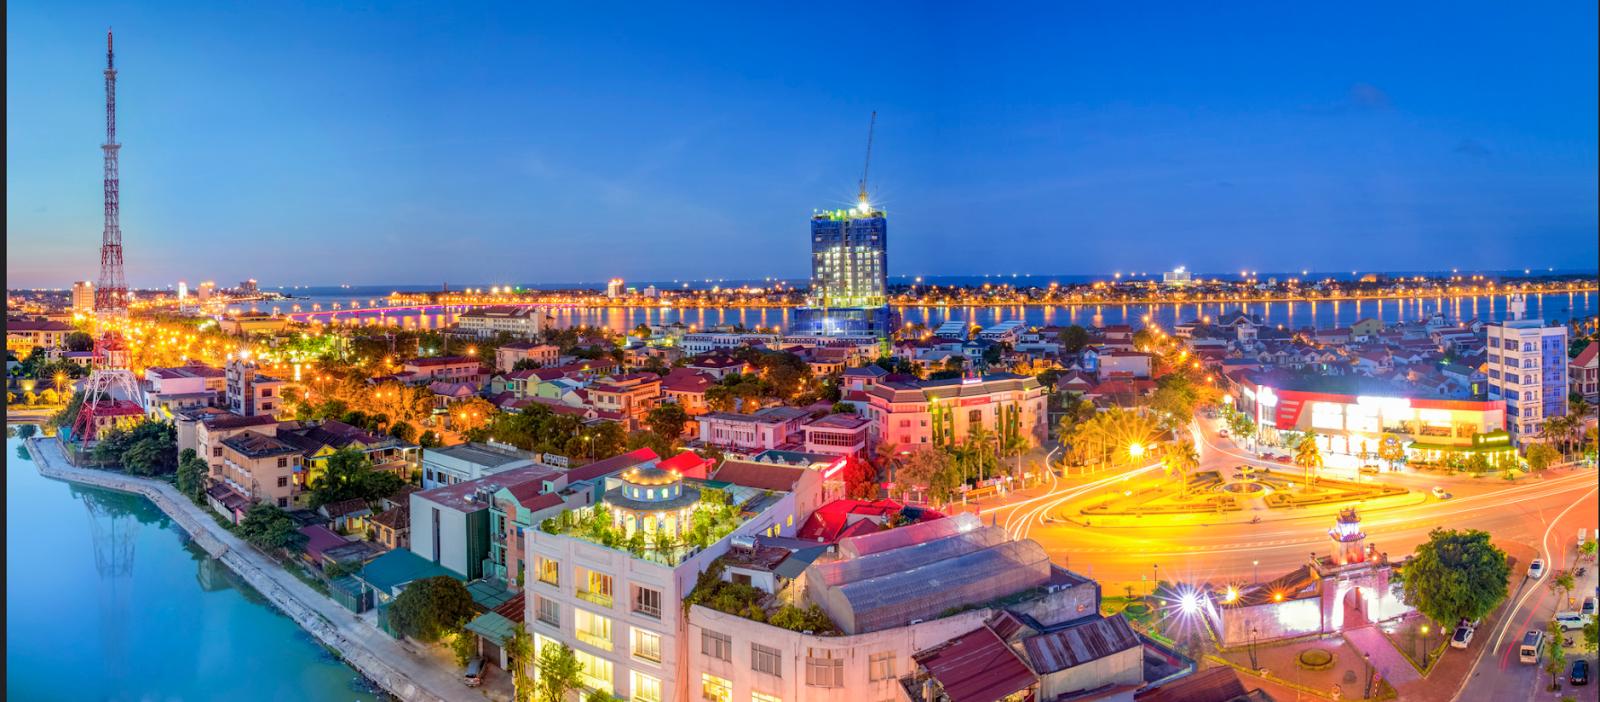 Du lịch thành phố Đồng Hới về đêm